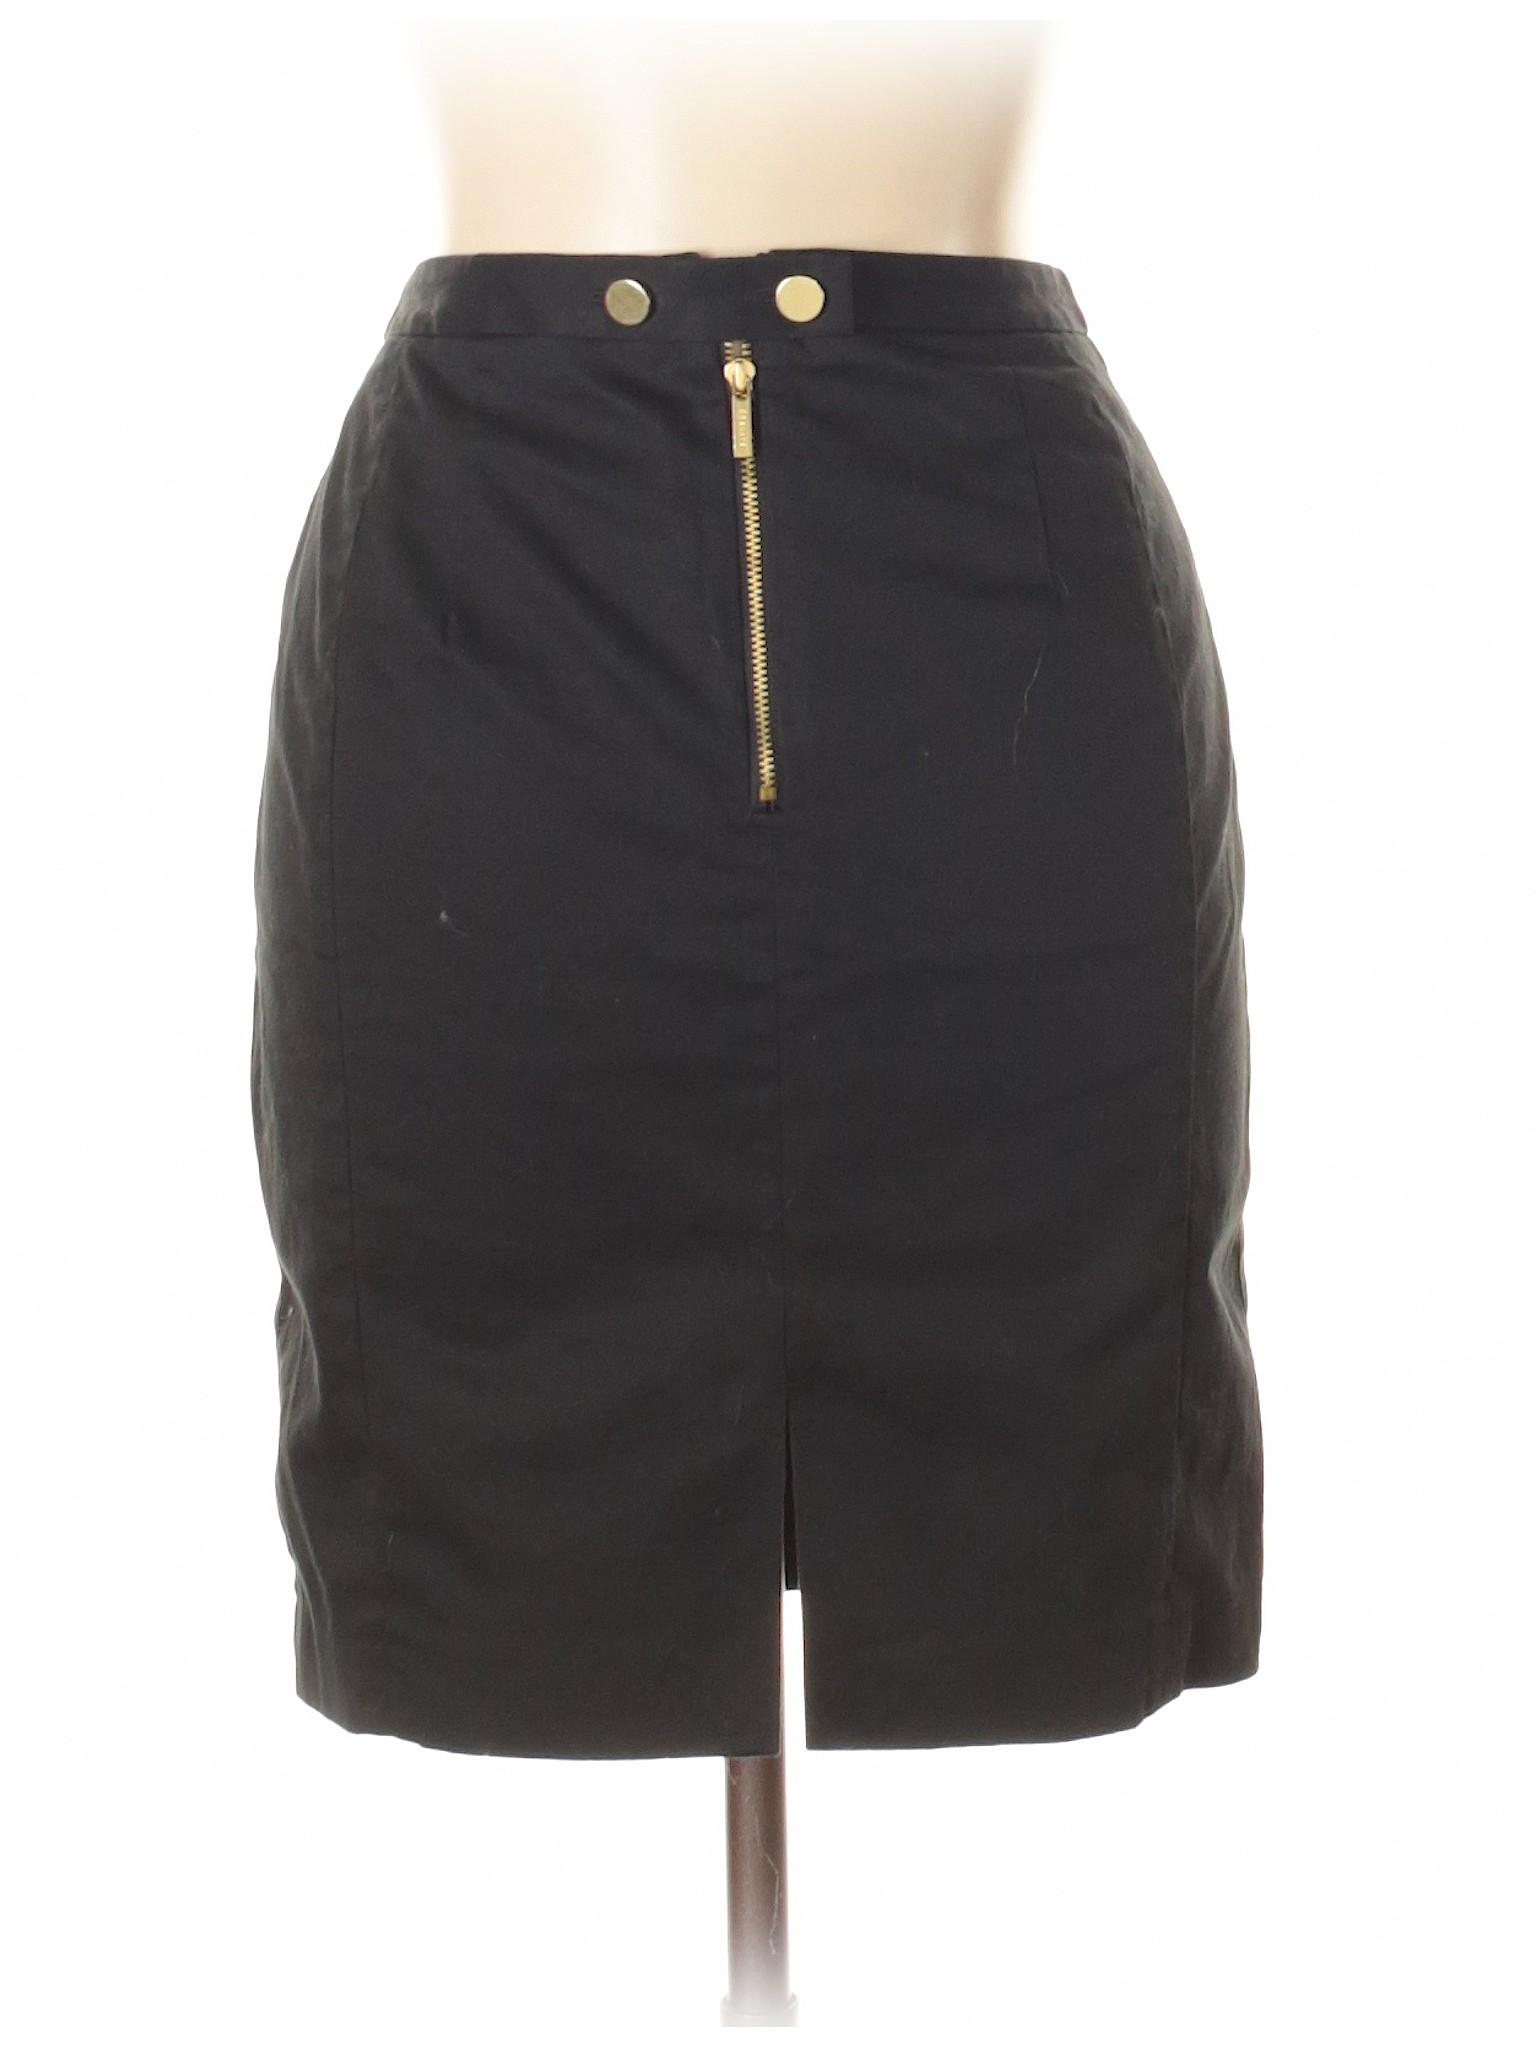 Skirt Boutique Casual Skirt Boutique Boutique Casual Express Express 46nET